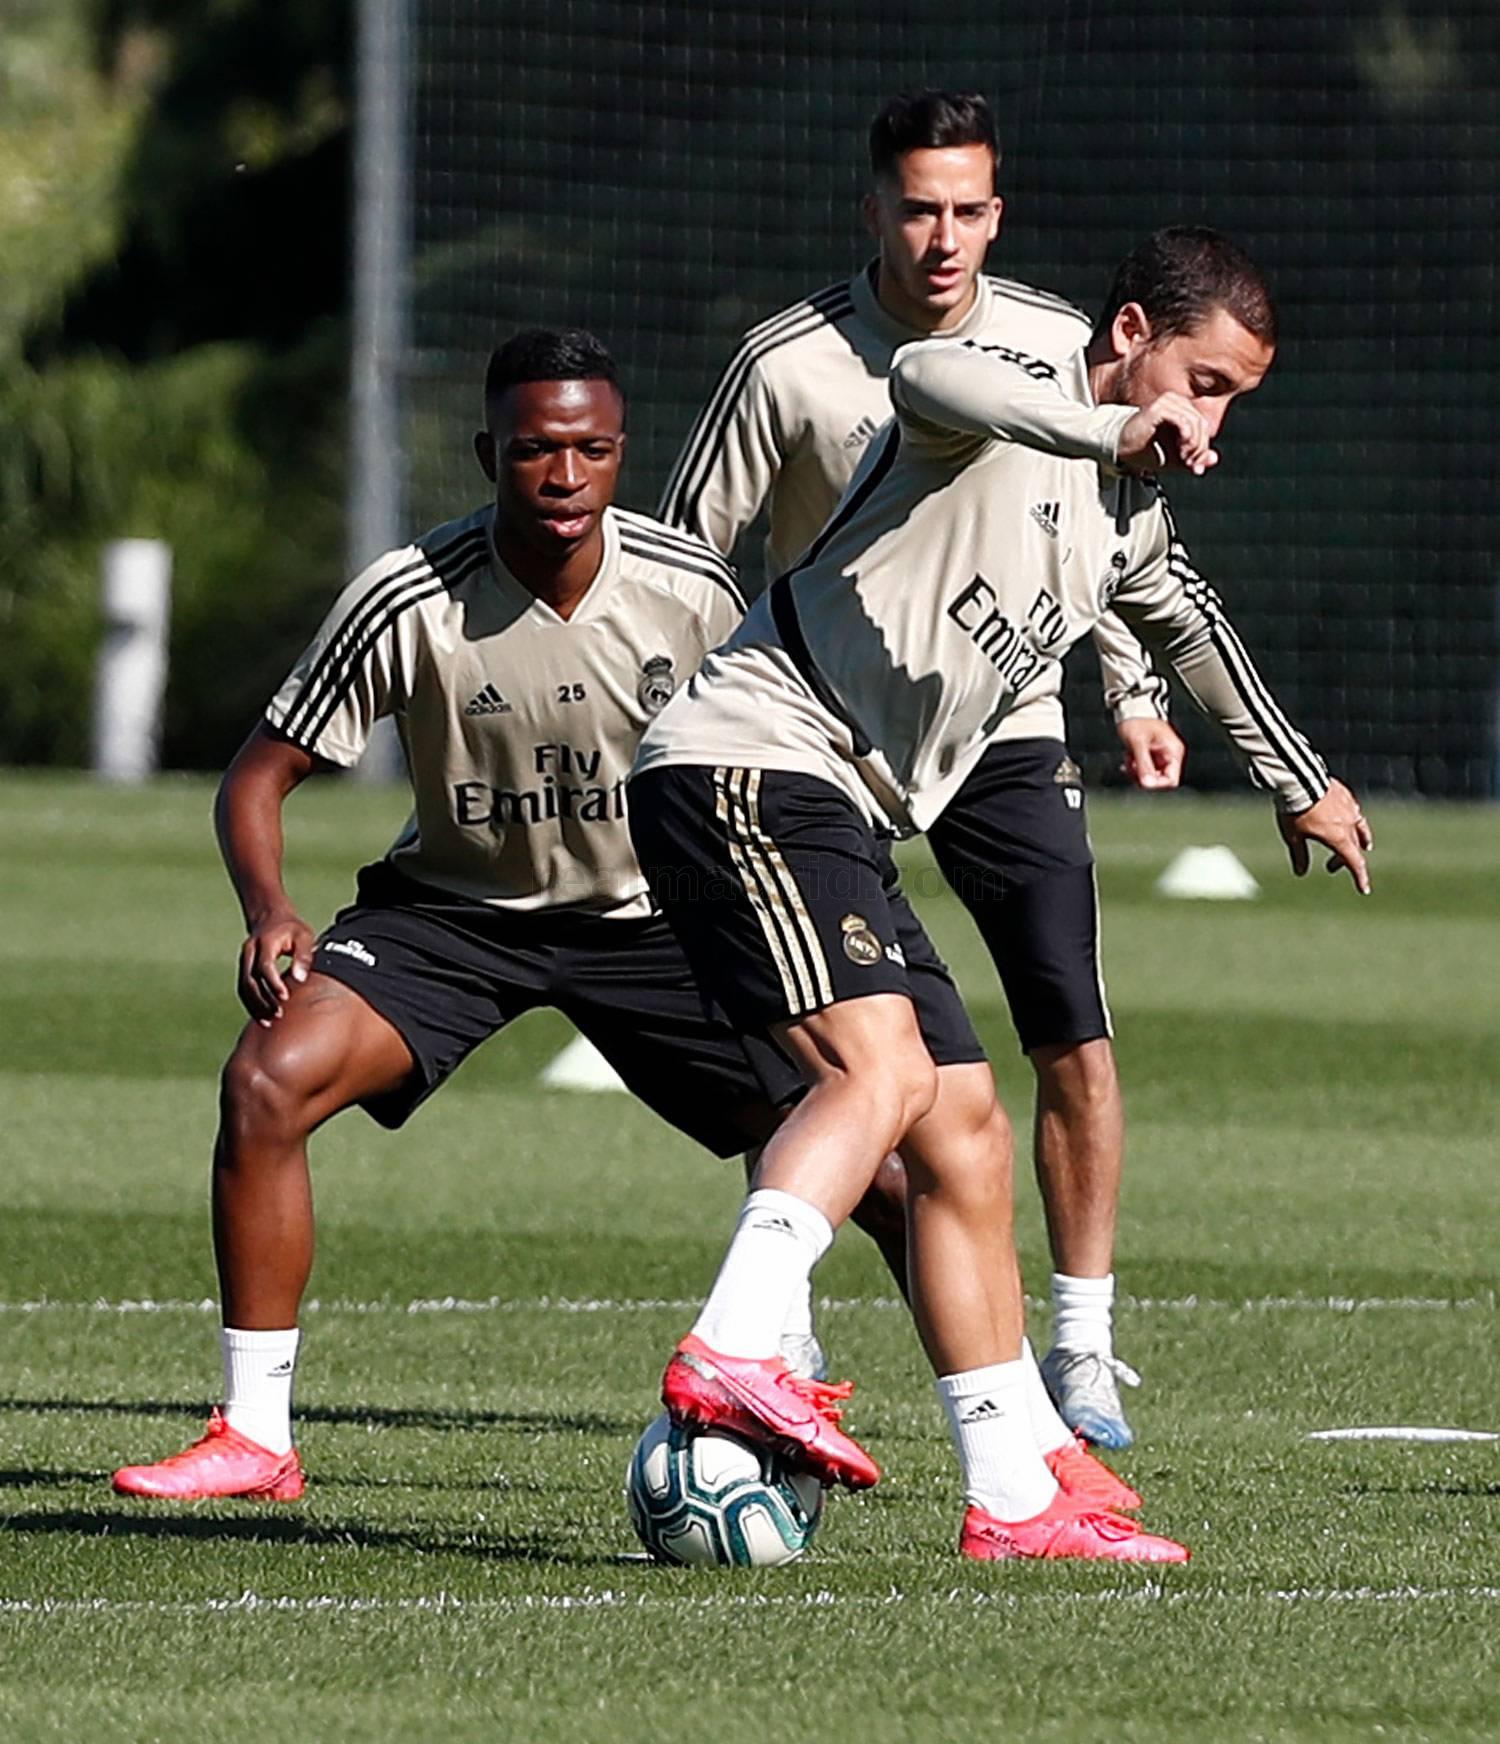 Real Madrid - Entrenamiento del Real Madrid  - 19-05-2020